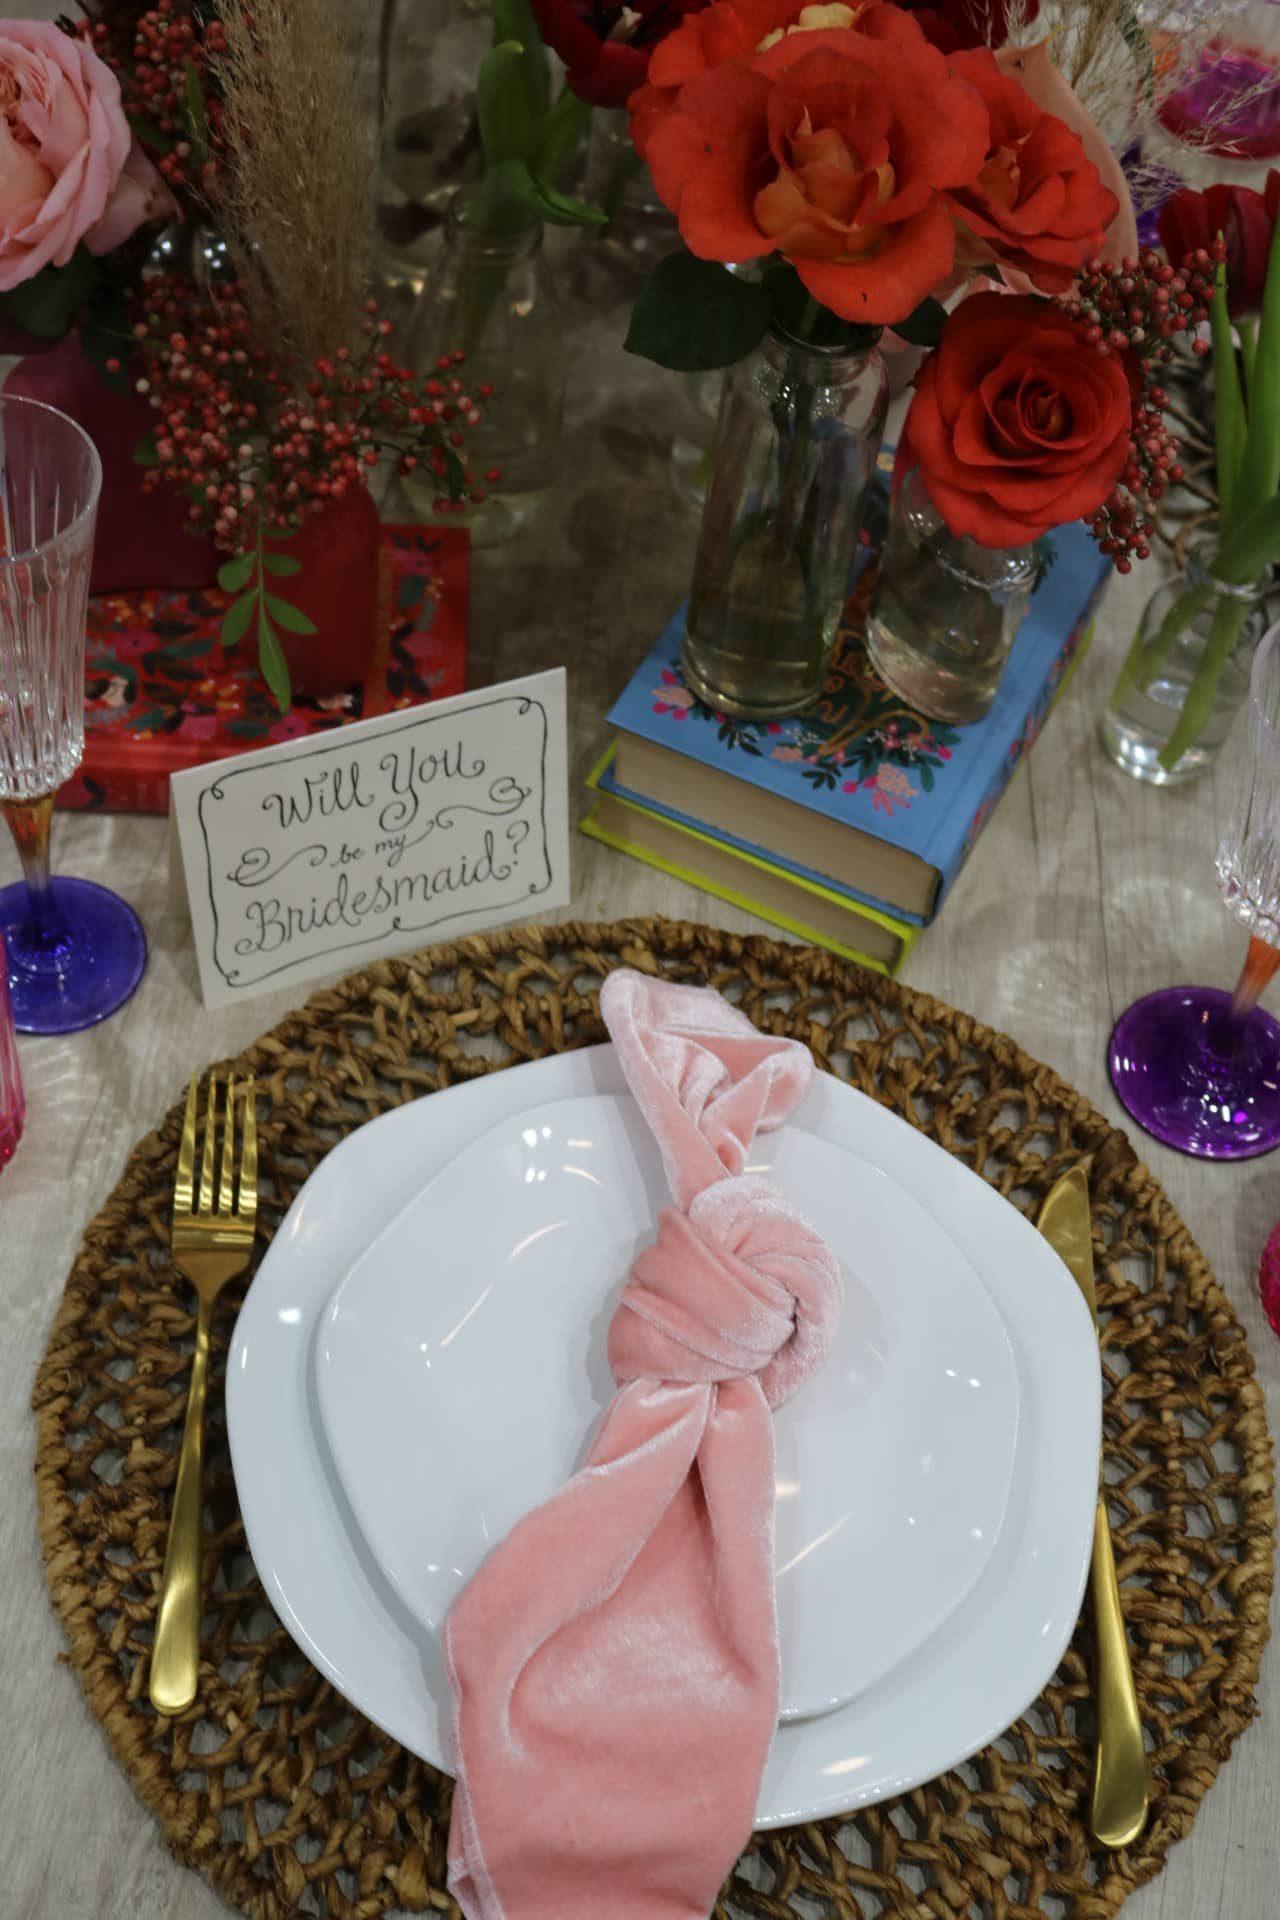 Imagem: Um cartão criado especialmente para o evento é perfeito para convidar as madrinhas de casamento. Os guardanapos de veludo rosa dão um toque de feminilidade. Foto: Lorena Baroni Bosio.